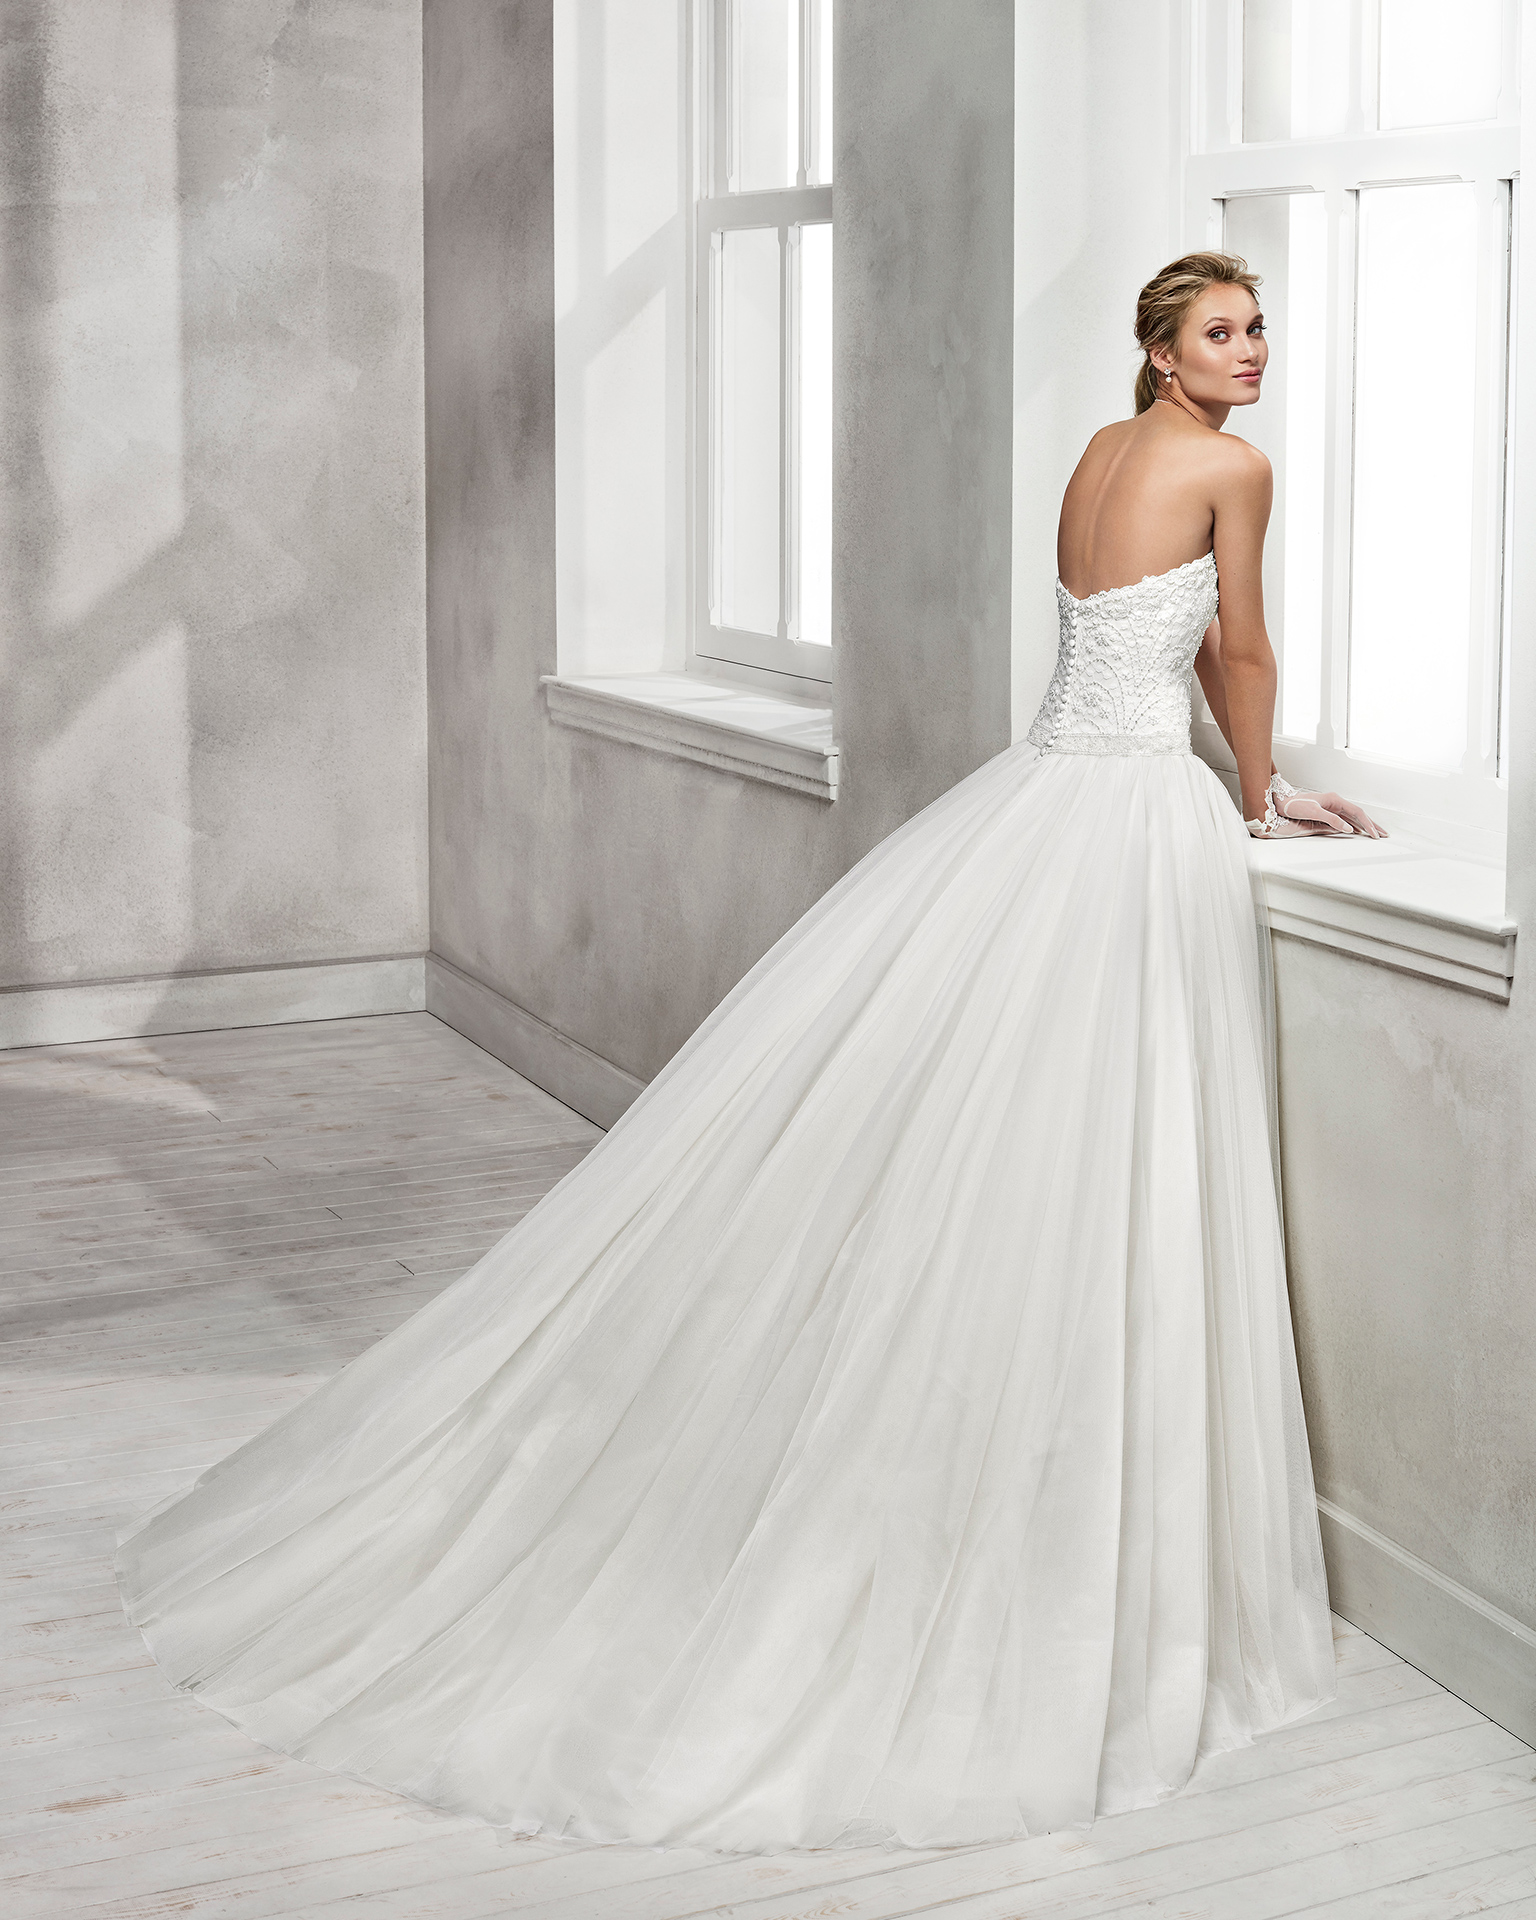 Vestido de novia estilo romántico en tul, encaje y pedreria, con escote palabra de honor.